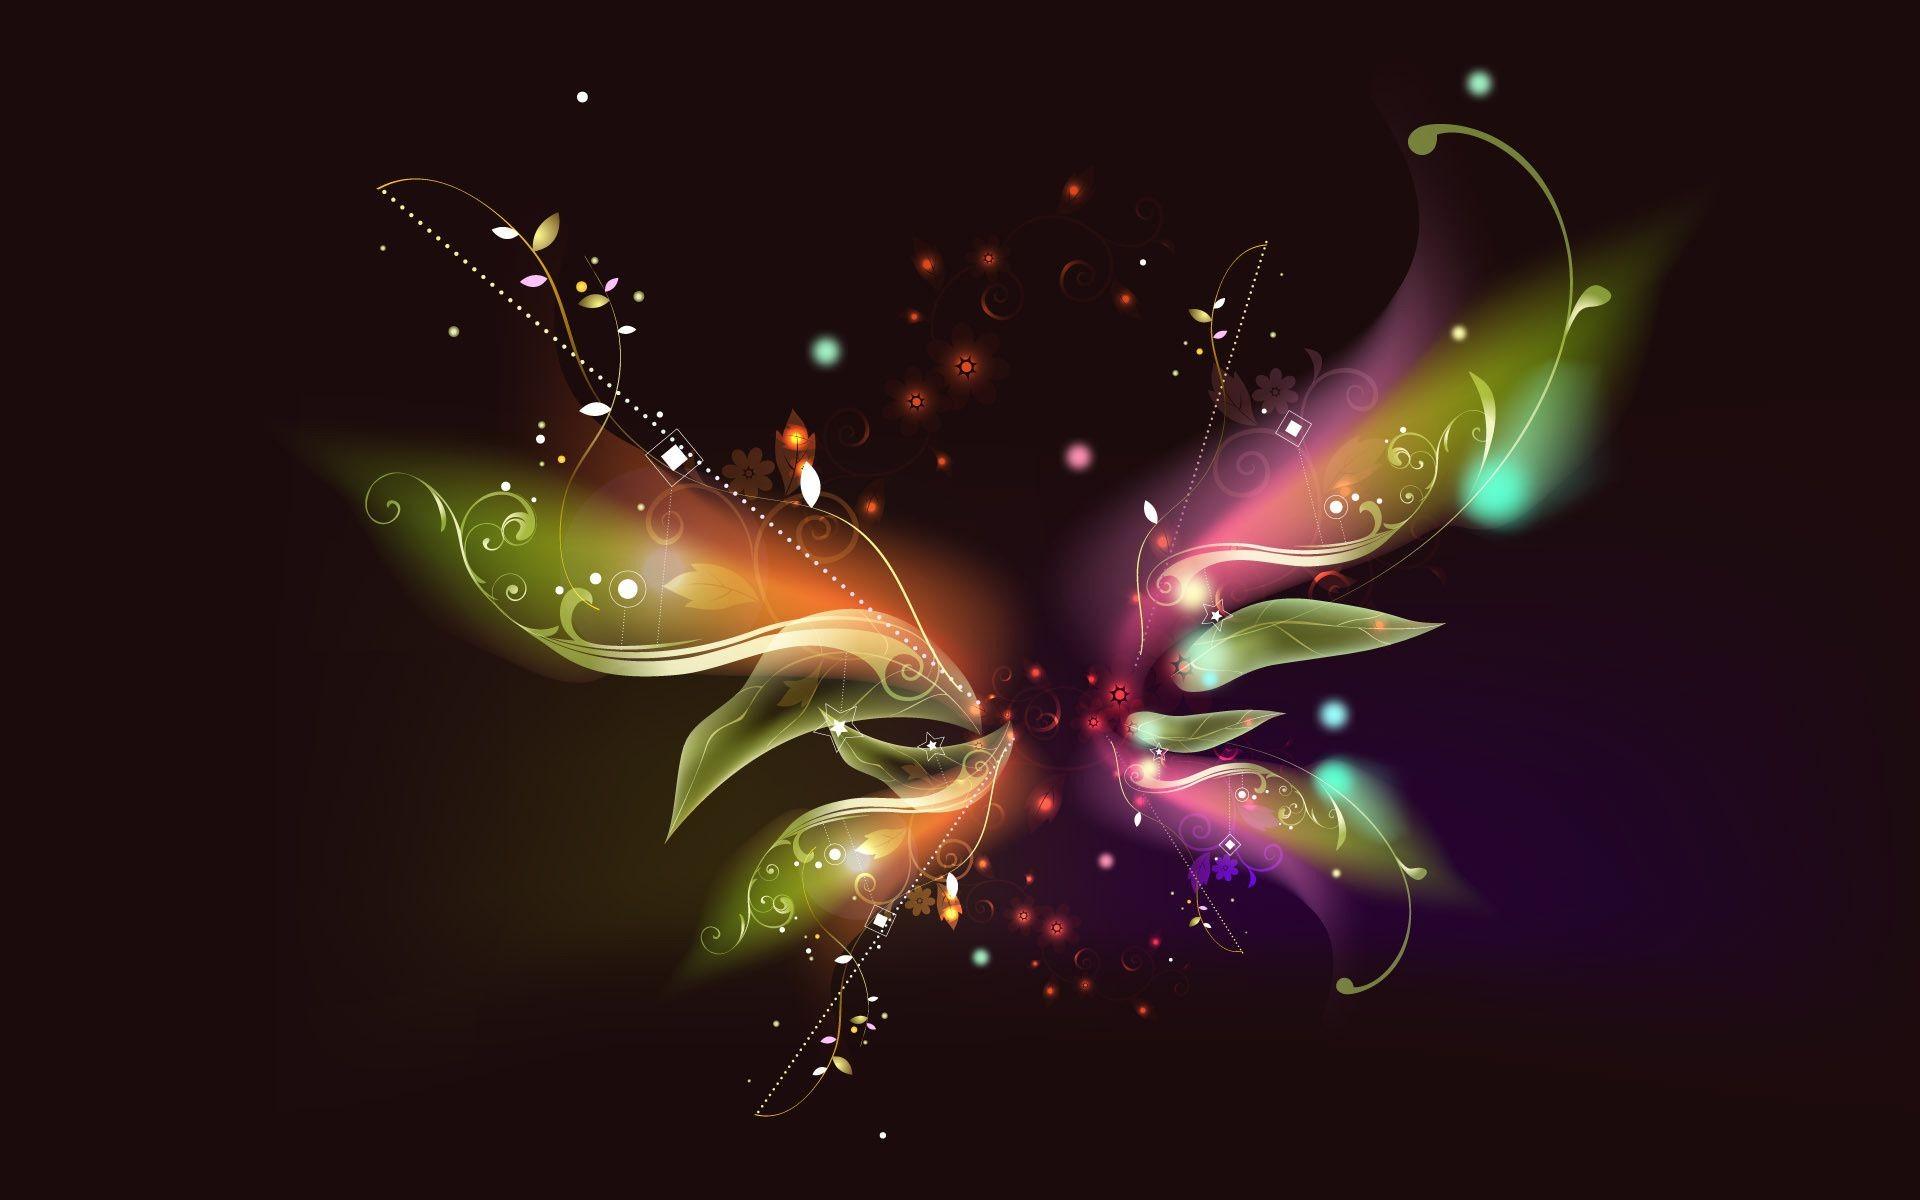 бабочка линии частицы без смс